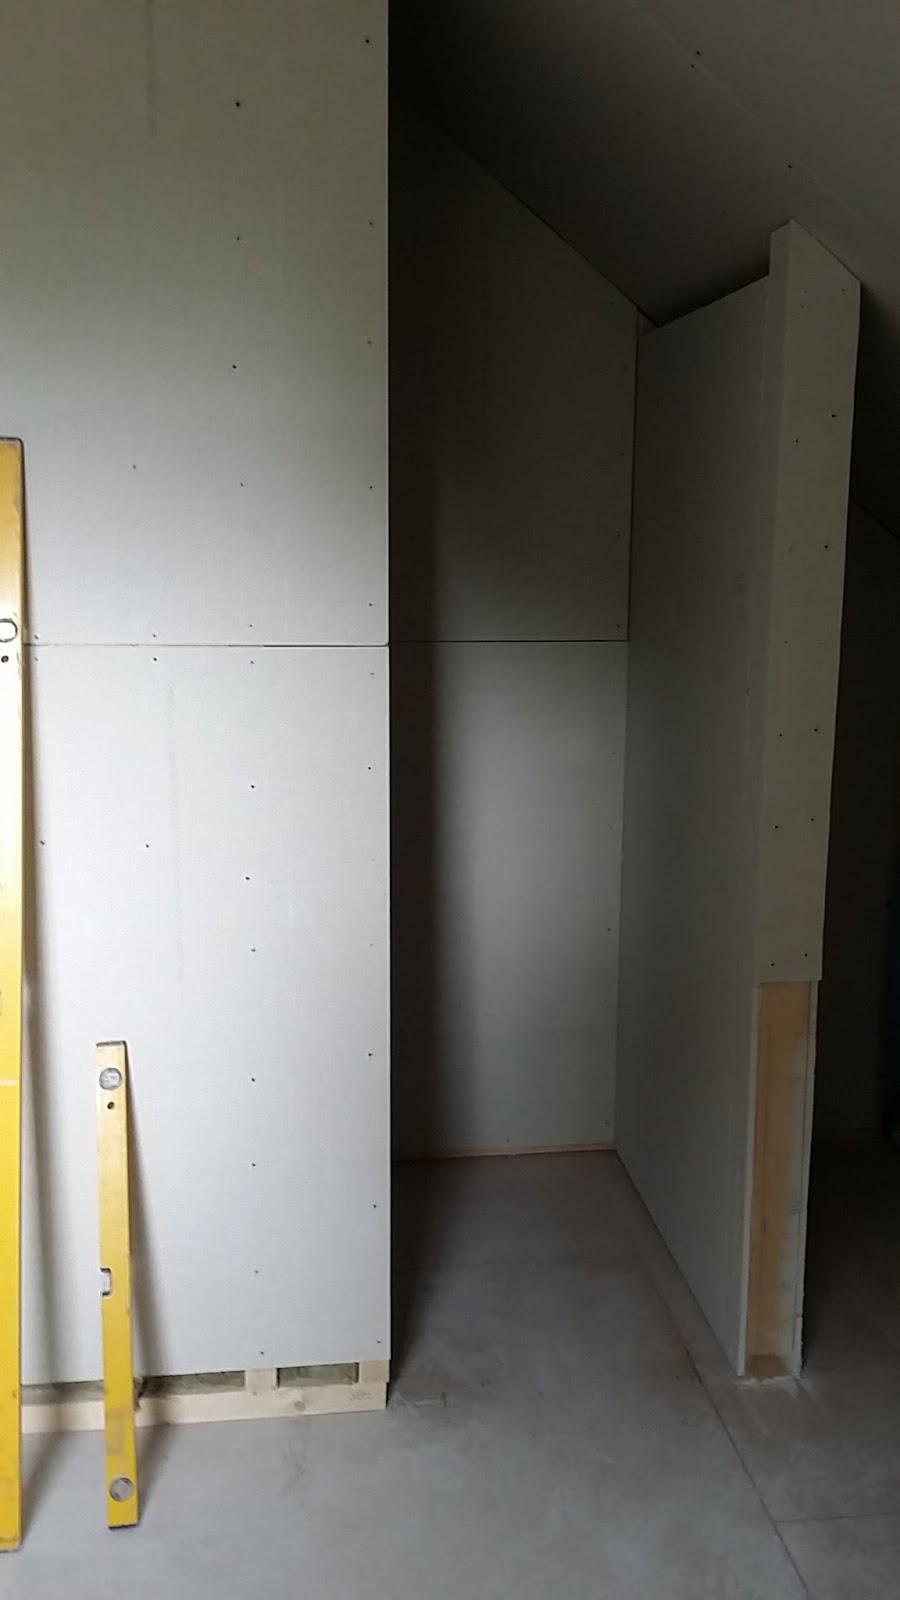 abenteuer ausbauhaus dusche wird kurzerhand umgebaut. Black Bedroom Furniture Sets. Home Design Ideas